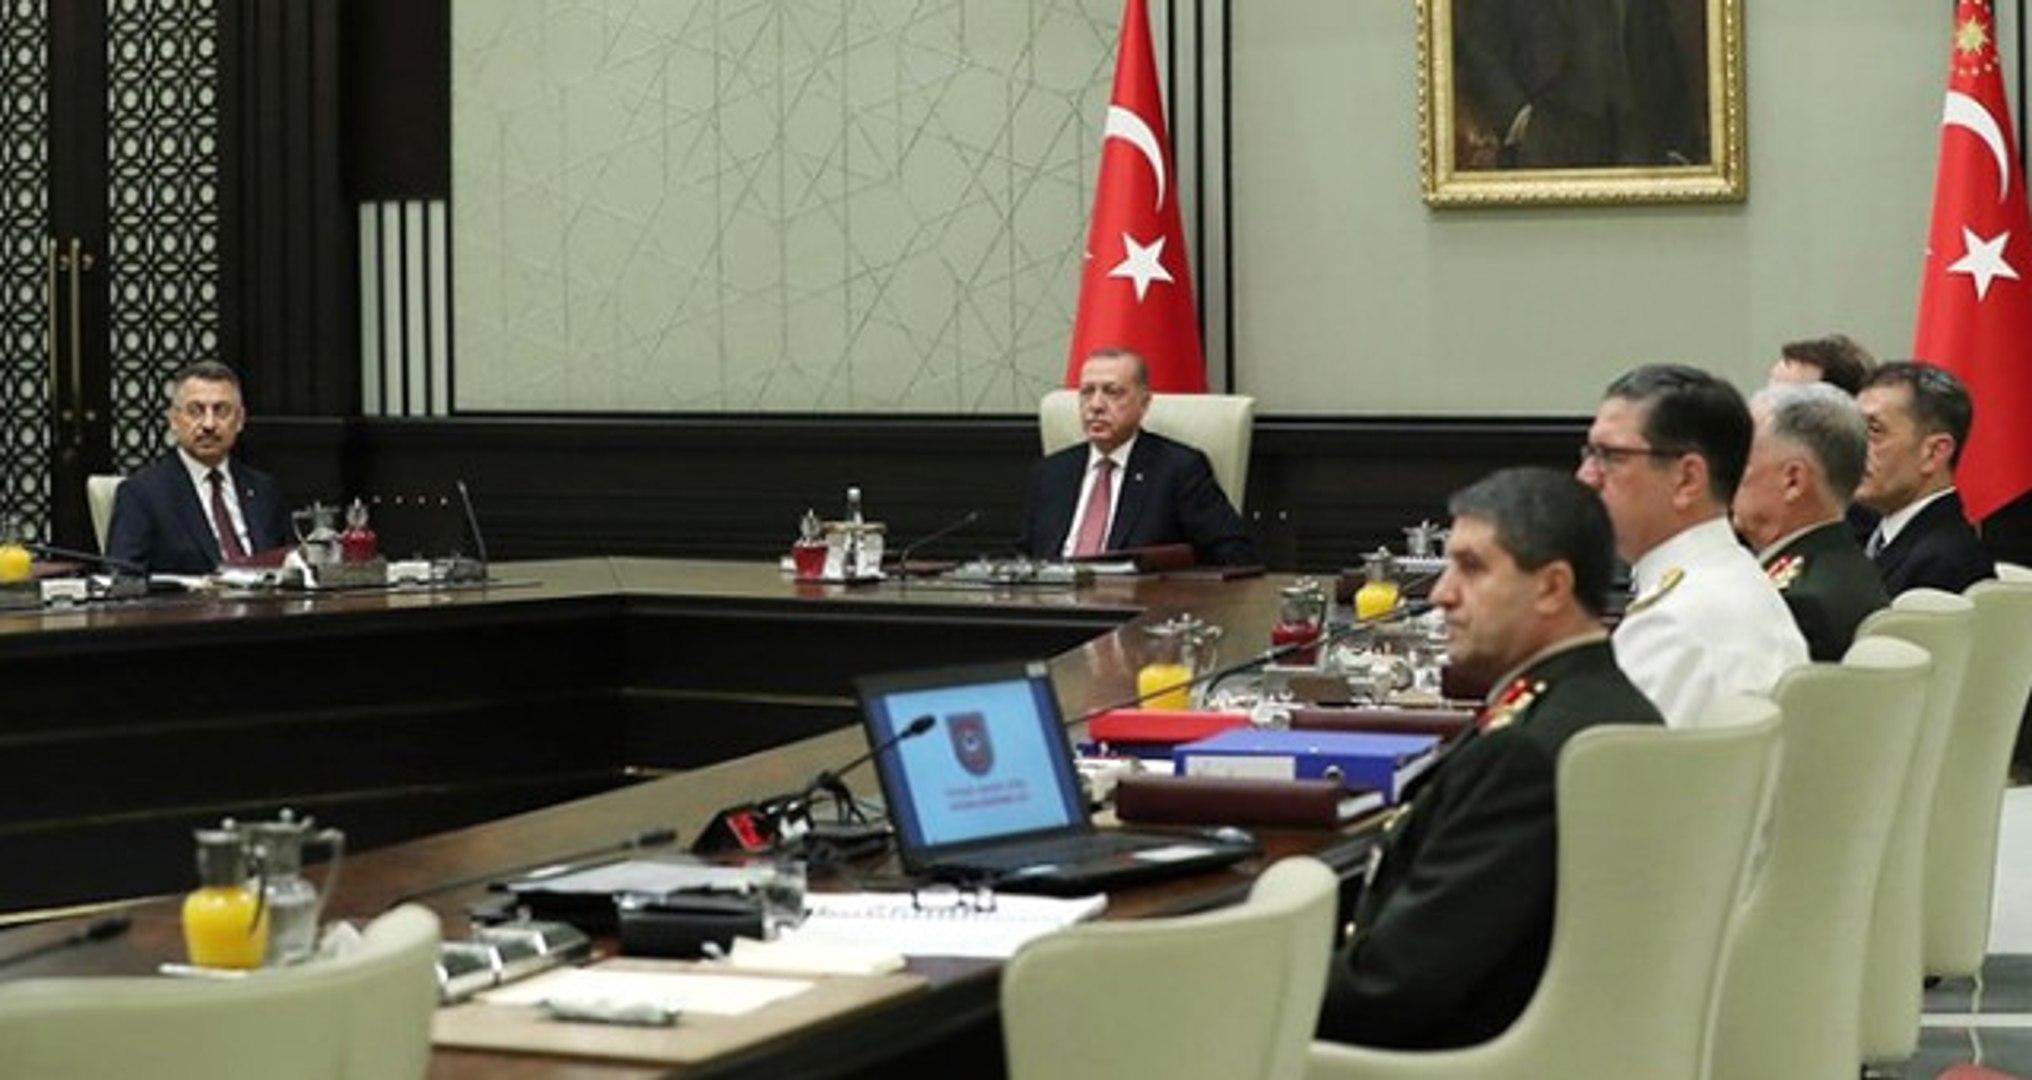 Son Dakika! Erdoğan'ın Başkanlığındaki Yeni Sistemin İlk YAŞ Toplantısı Sona Erdi! İşte Alınan